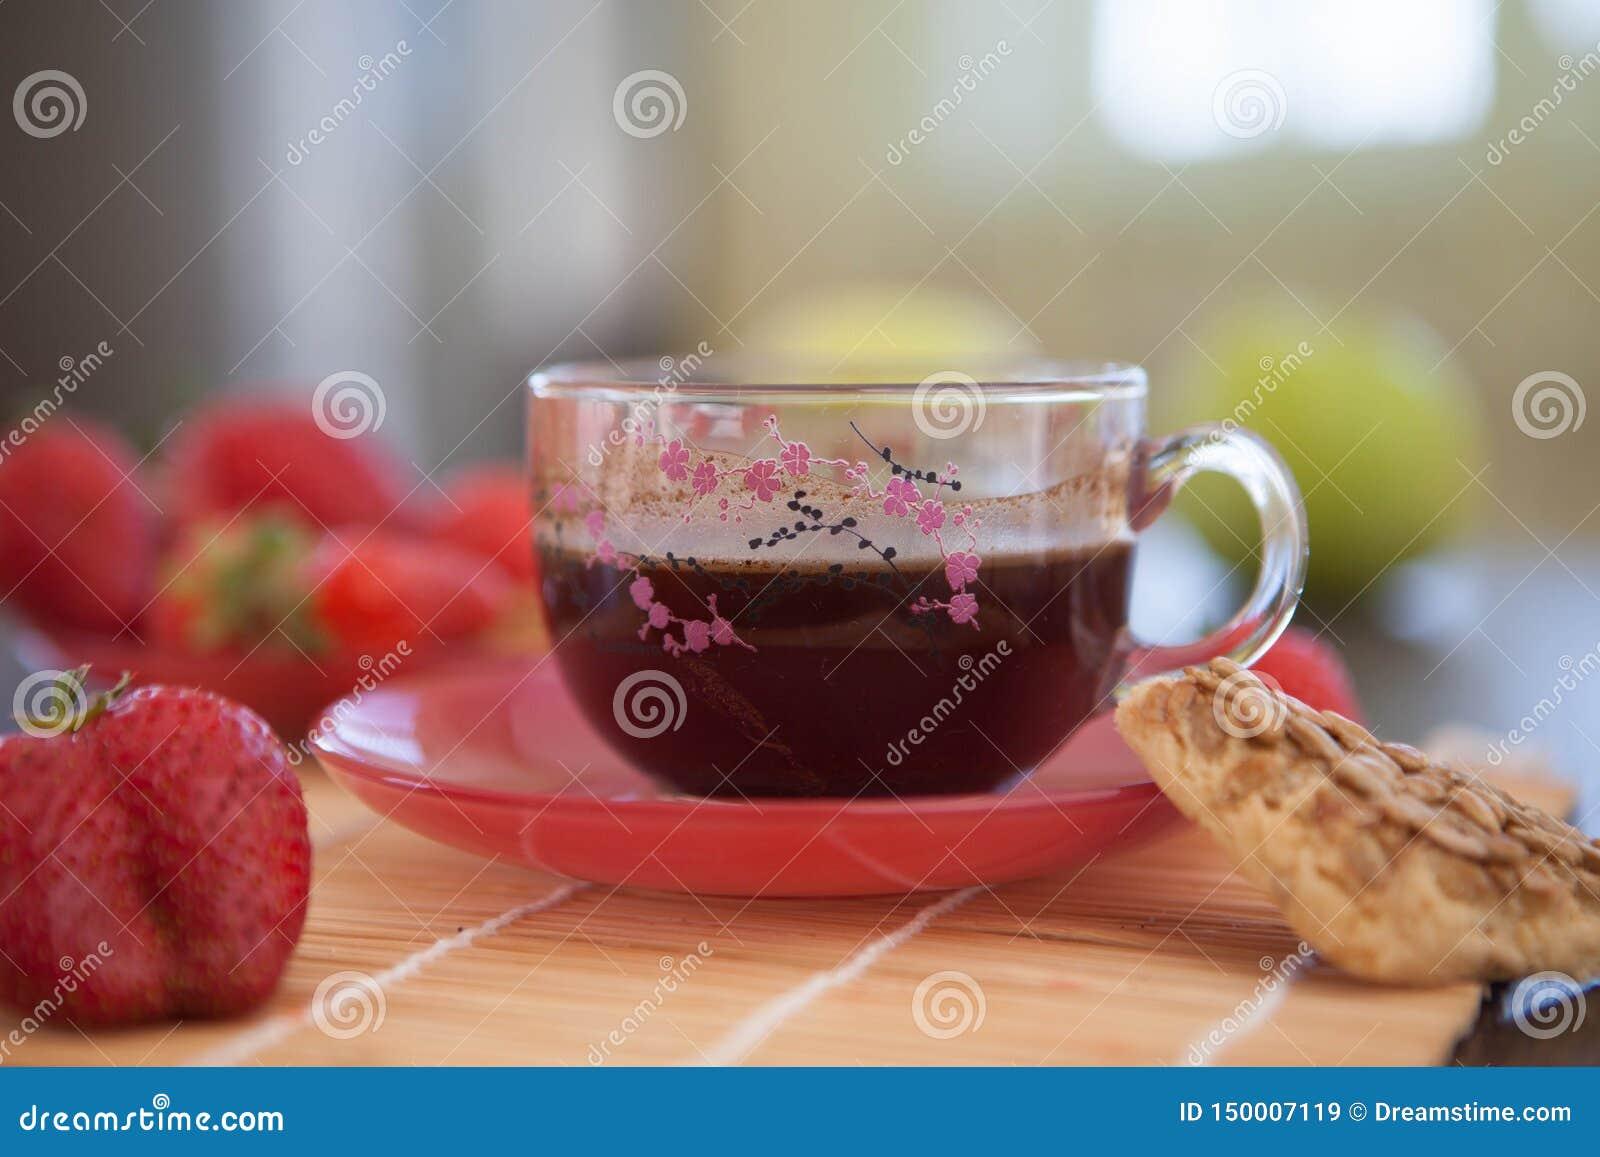 Ένα φλυτζάνι του όμορφου μαύρου αγγλικού τσαγιού για το πρόγευμα με τις φράουλες και τα μπισκότα